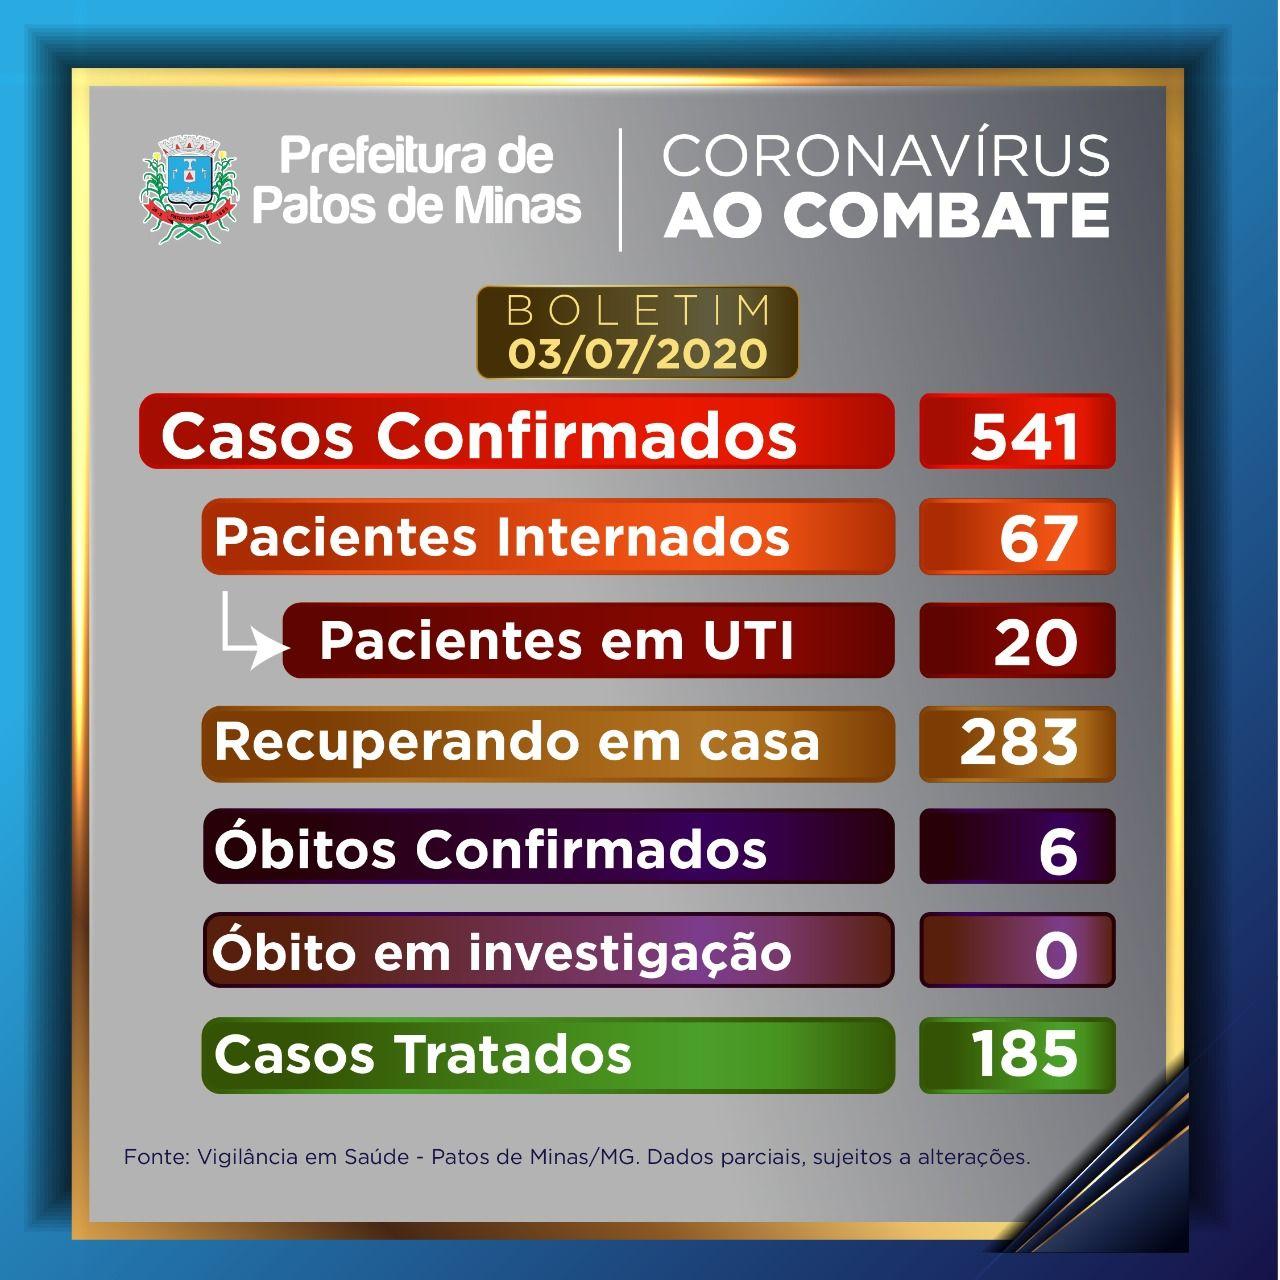 COVID-19: Patos de Minas tem 67 pacientes internados, sendo 20 na UTI e 185 pessoas foram tratadas